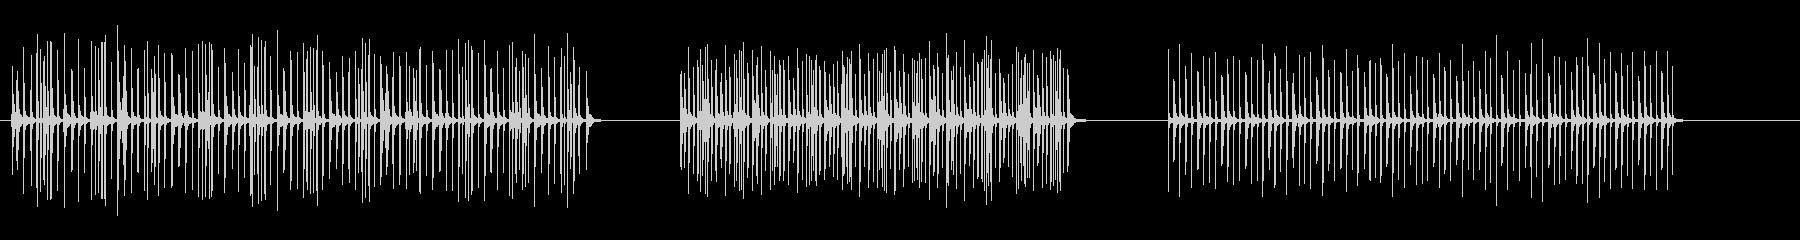 カチカチ音をたてる楽しいマシン-3...の未再生の波形